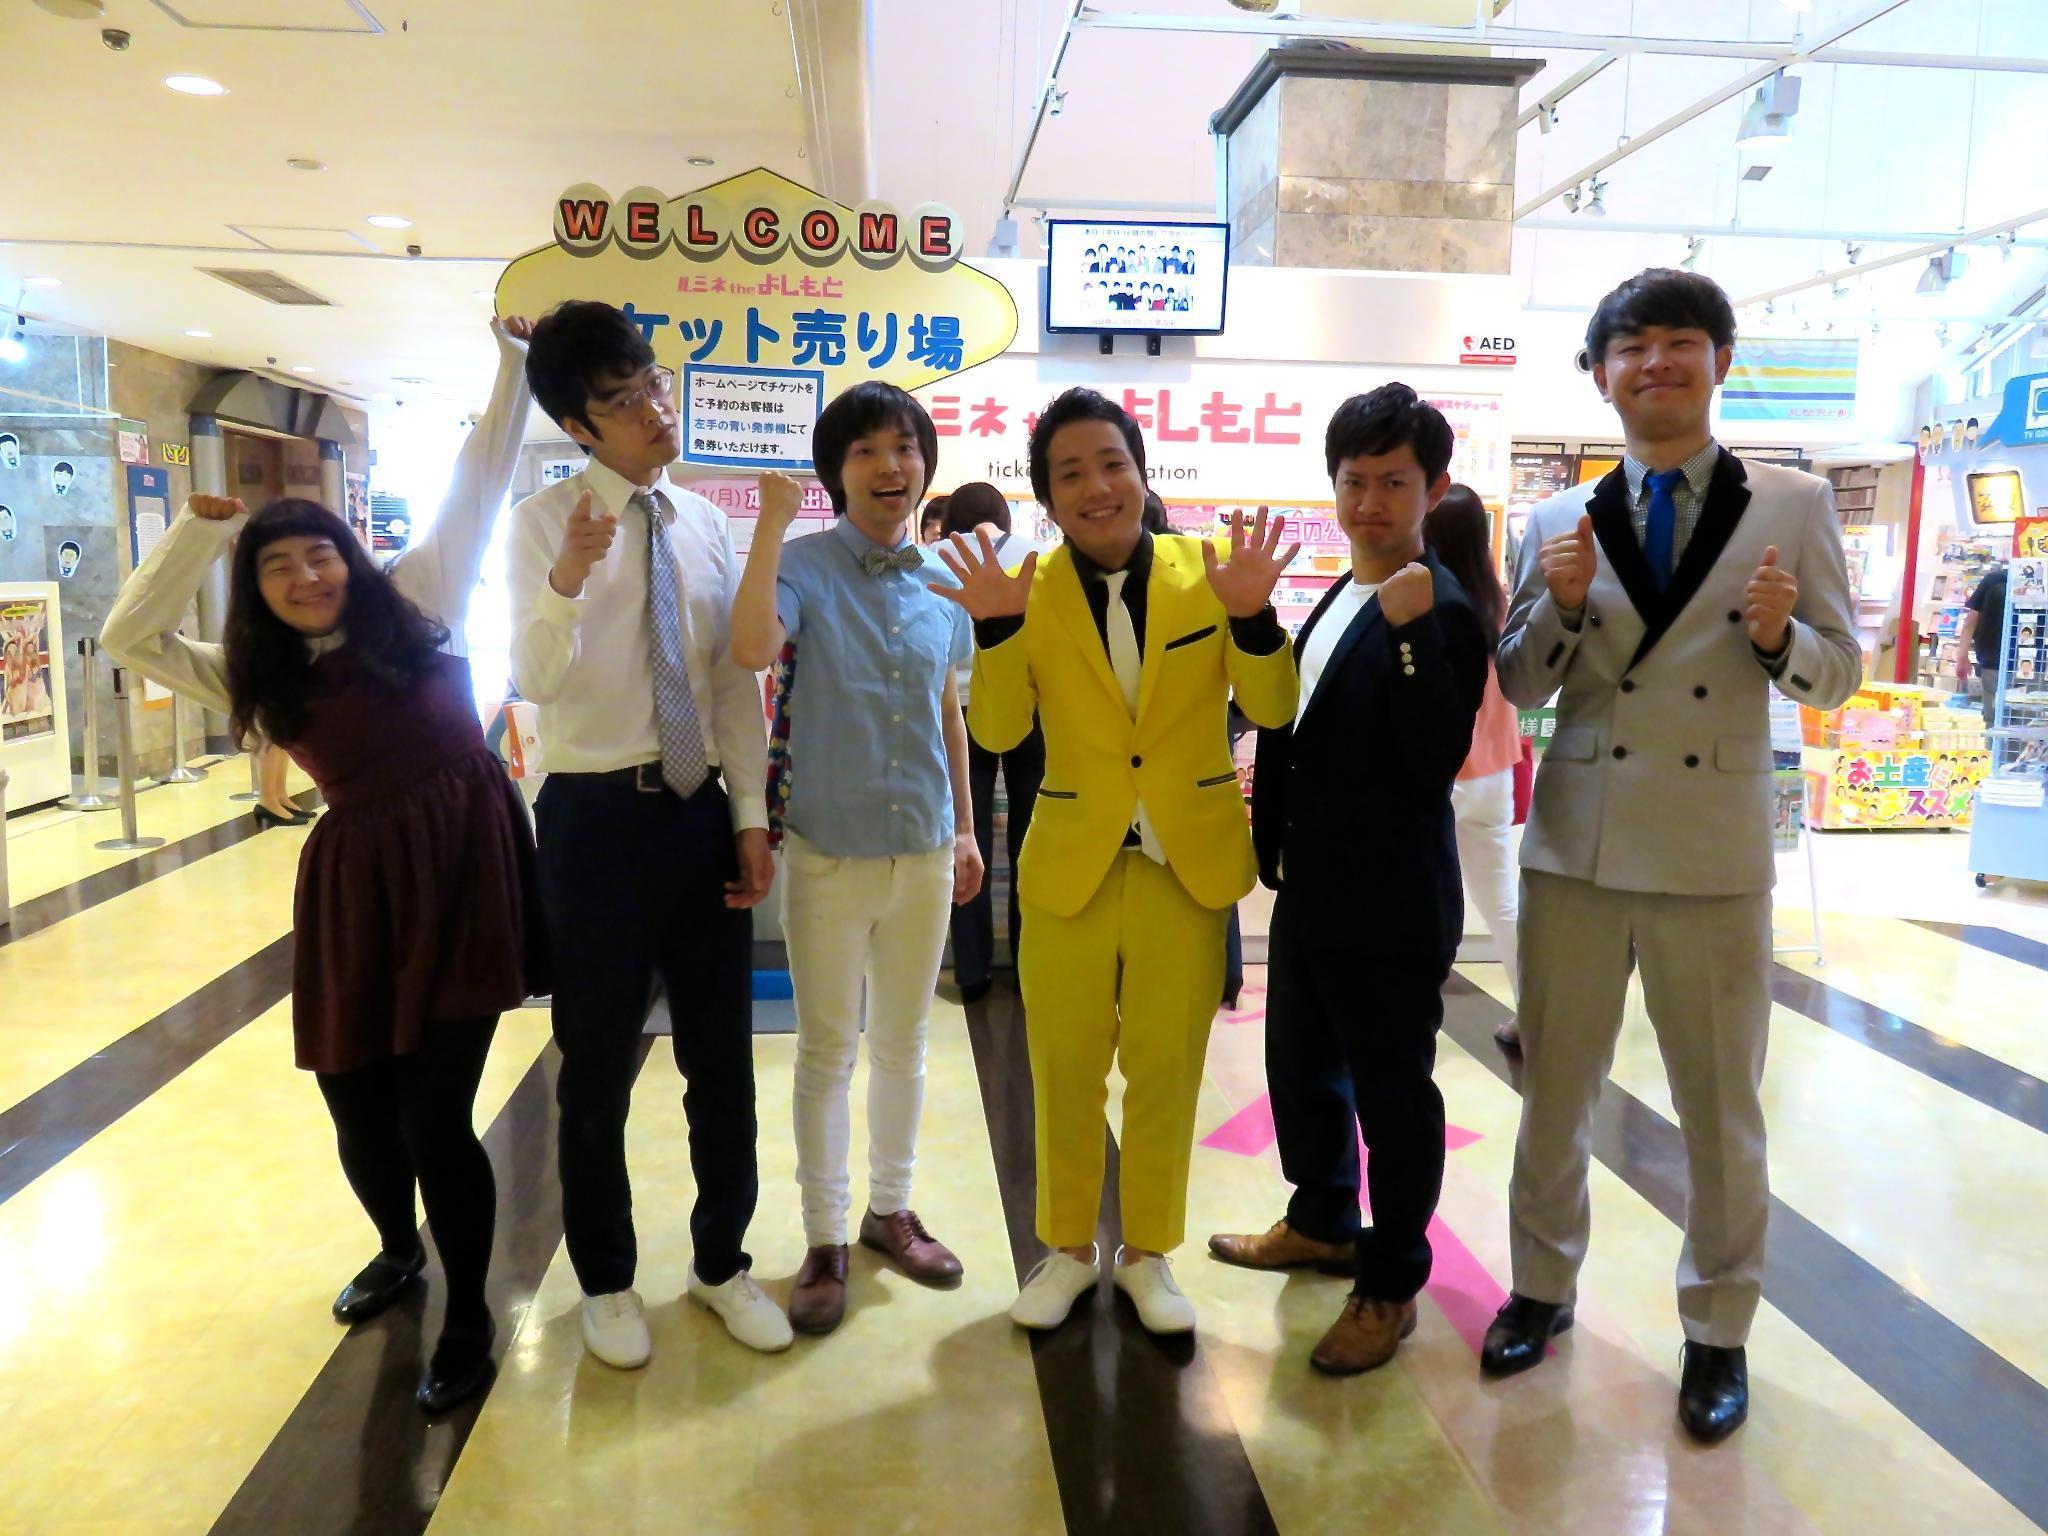 http://news.yoshimoto.co.jp/20160809141430-698611499194040581ca2790151822f911d47269.jpg